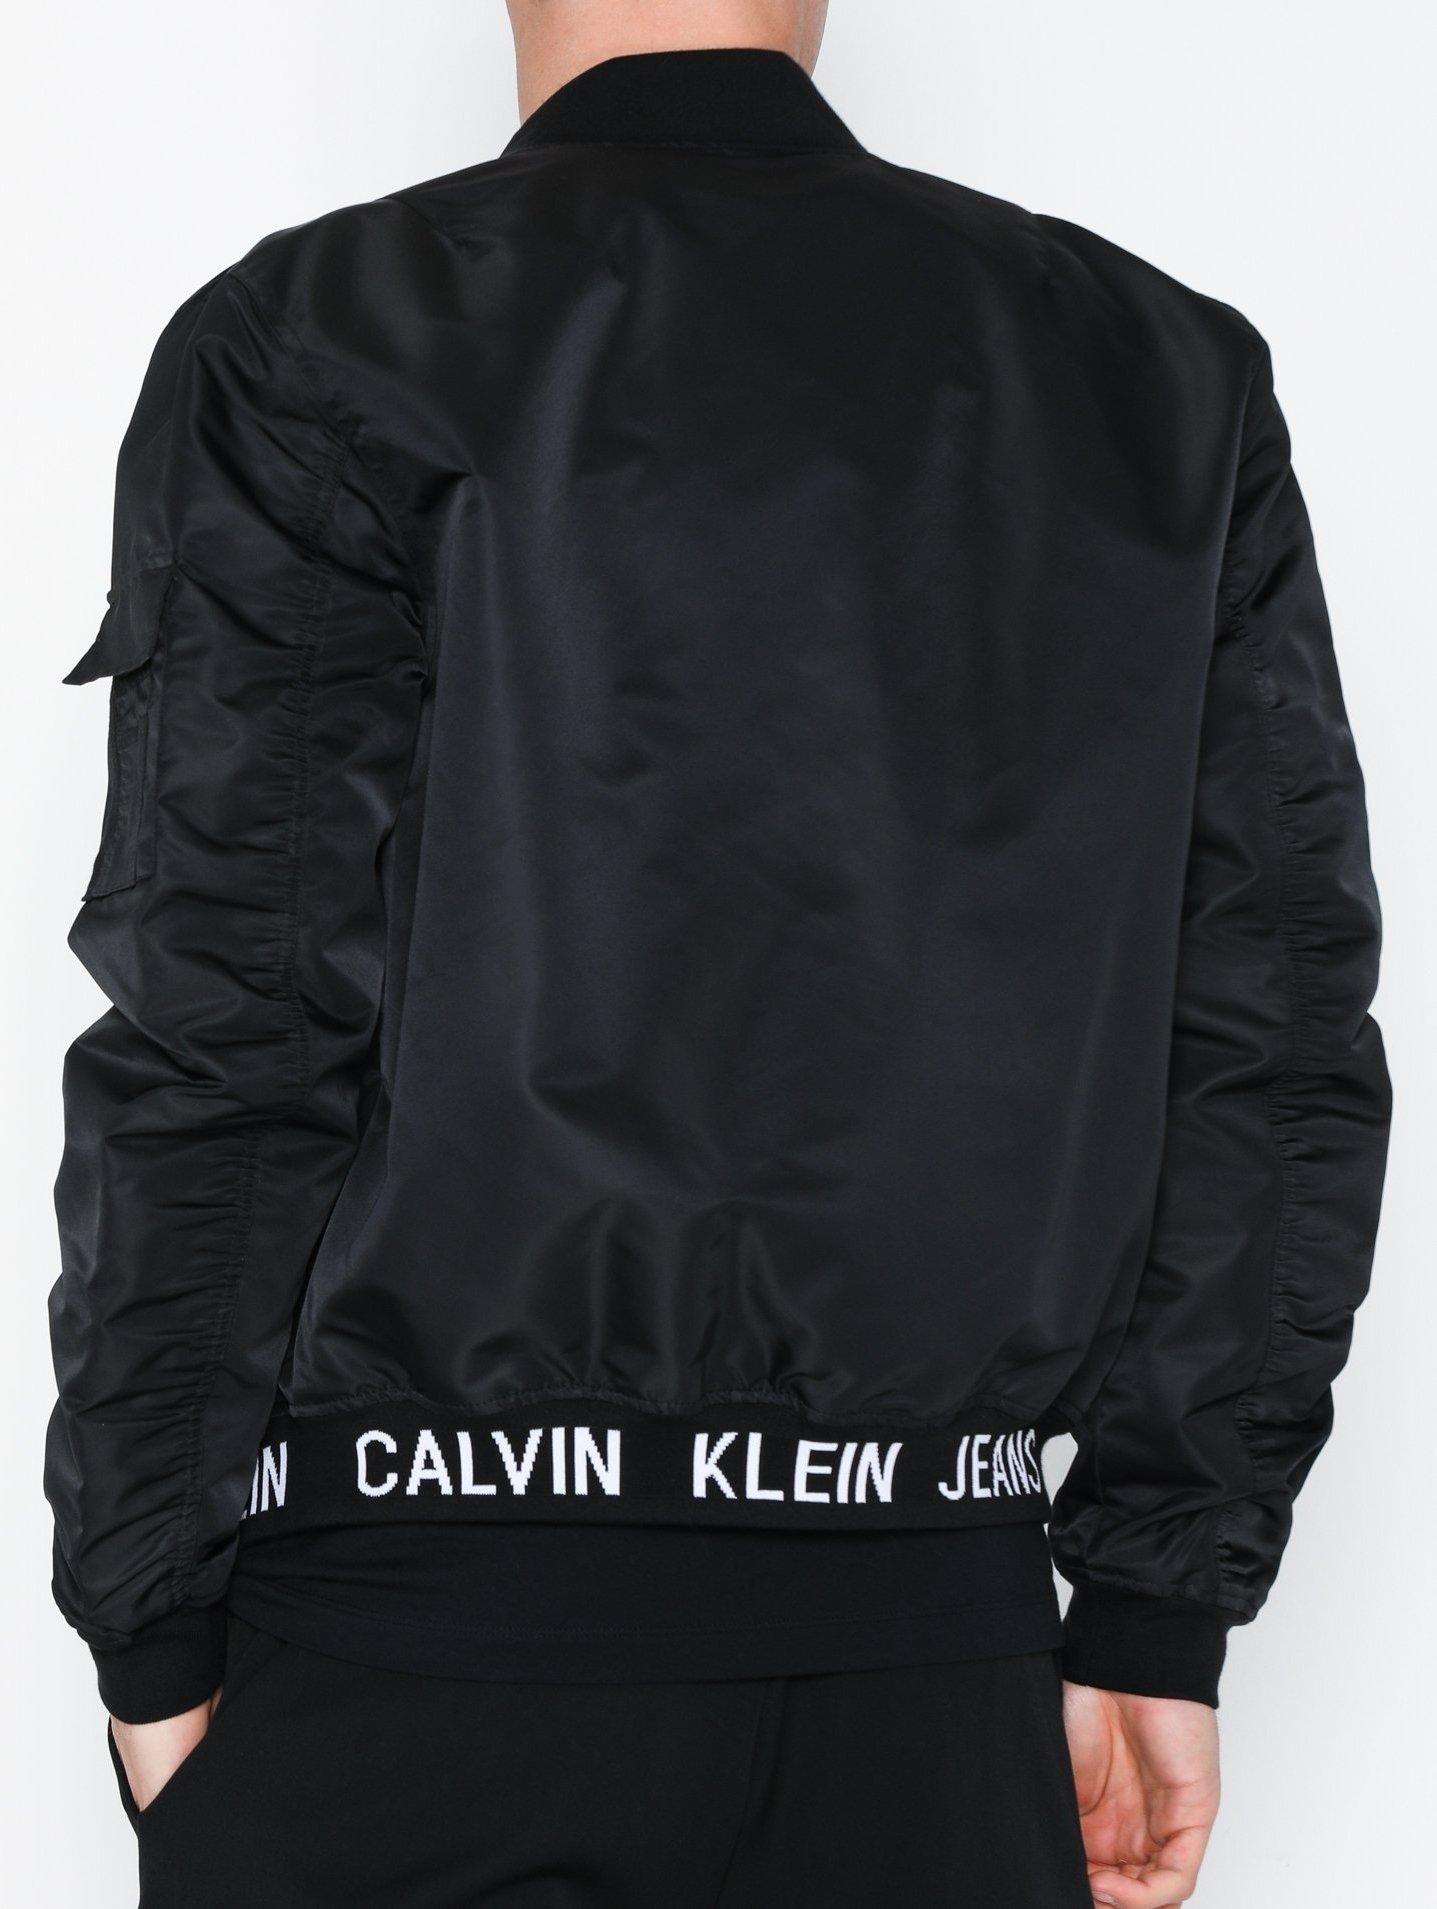 Best pris på Calvin Klein høstjakke og vårjakke Se priser